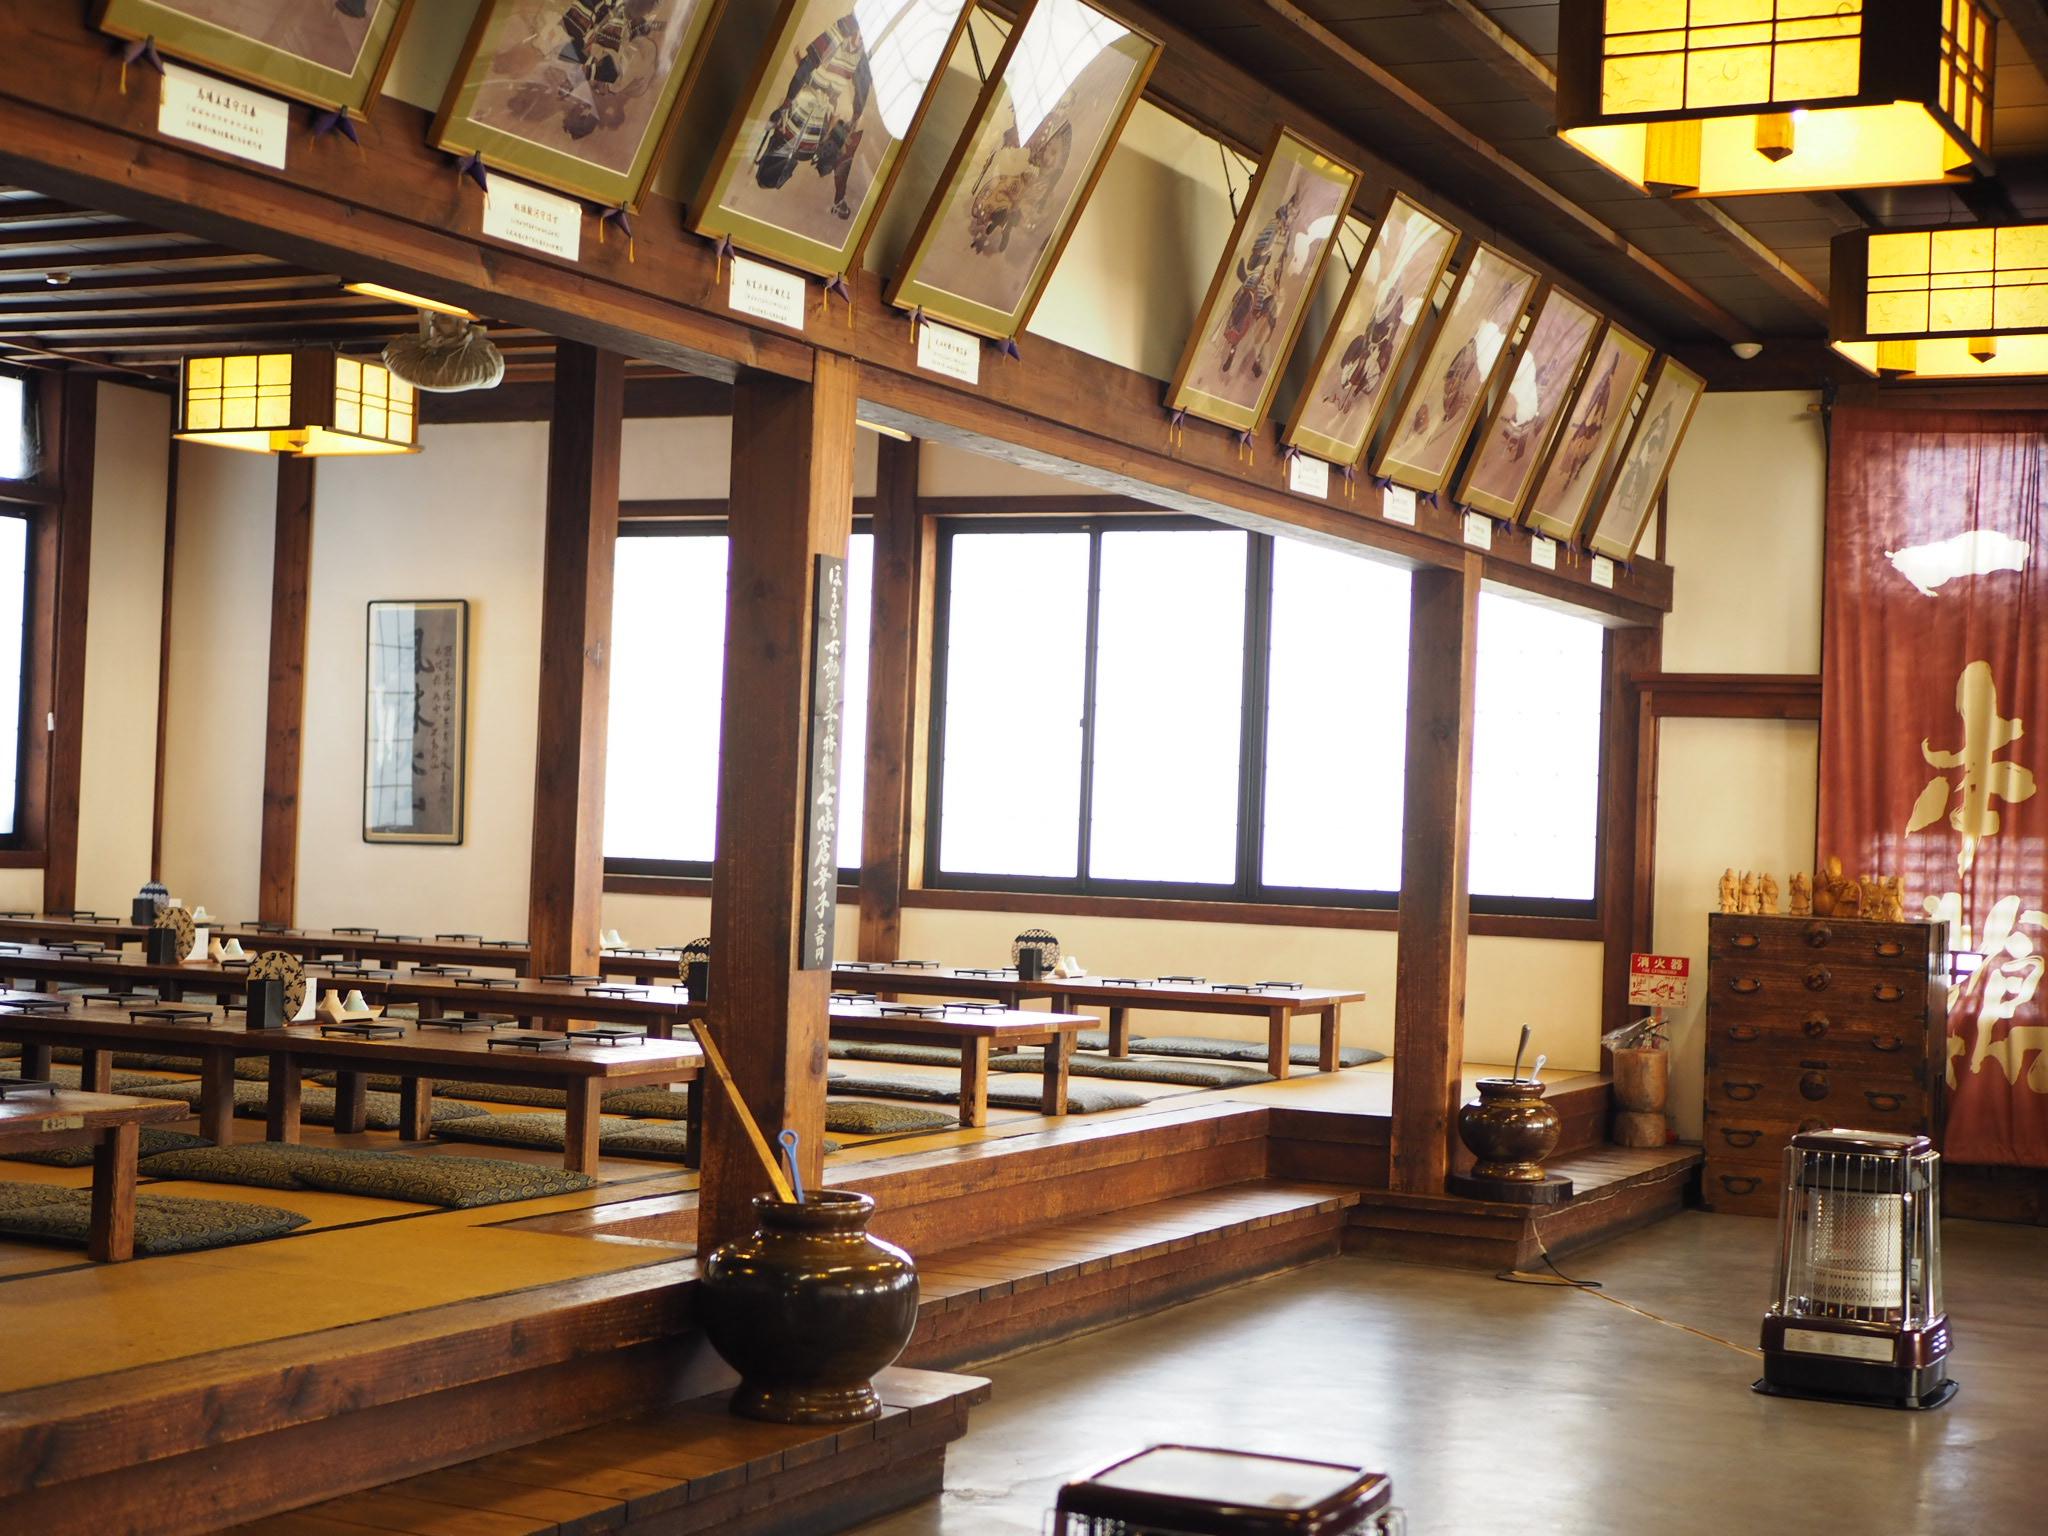 【#河口湖合宿】富士山の目の前のペンションでわいわい一泊旅♩〜グルメ・観光編〜_9